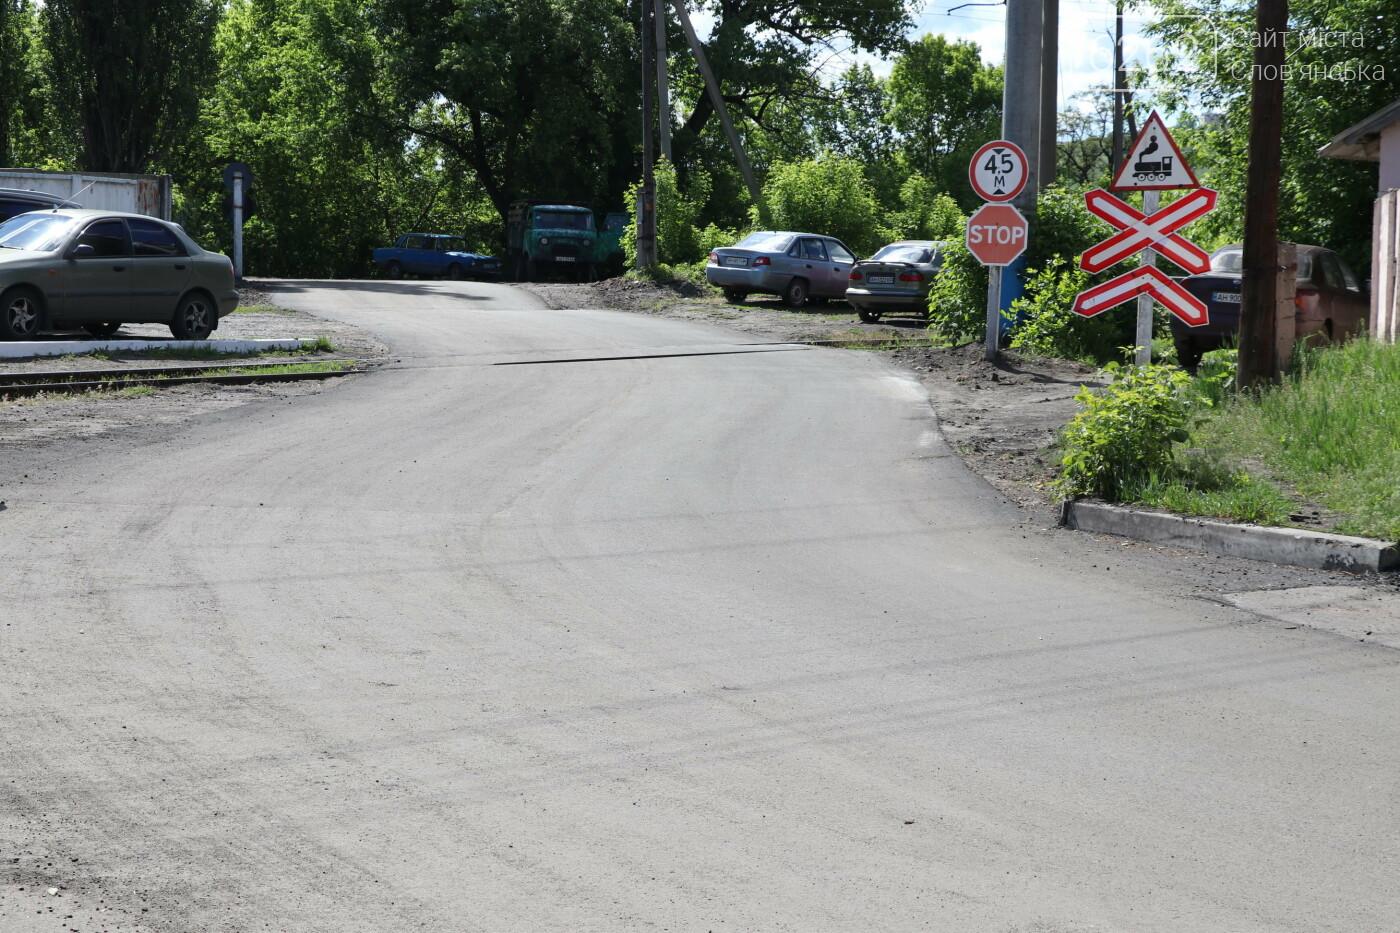 Майже 1,5 км нової дороги з'явилось у мікрорайоні Залізничному-2  , фото-2